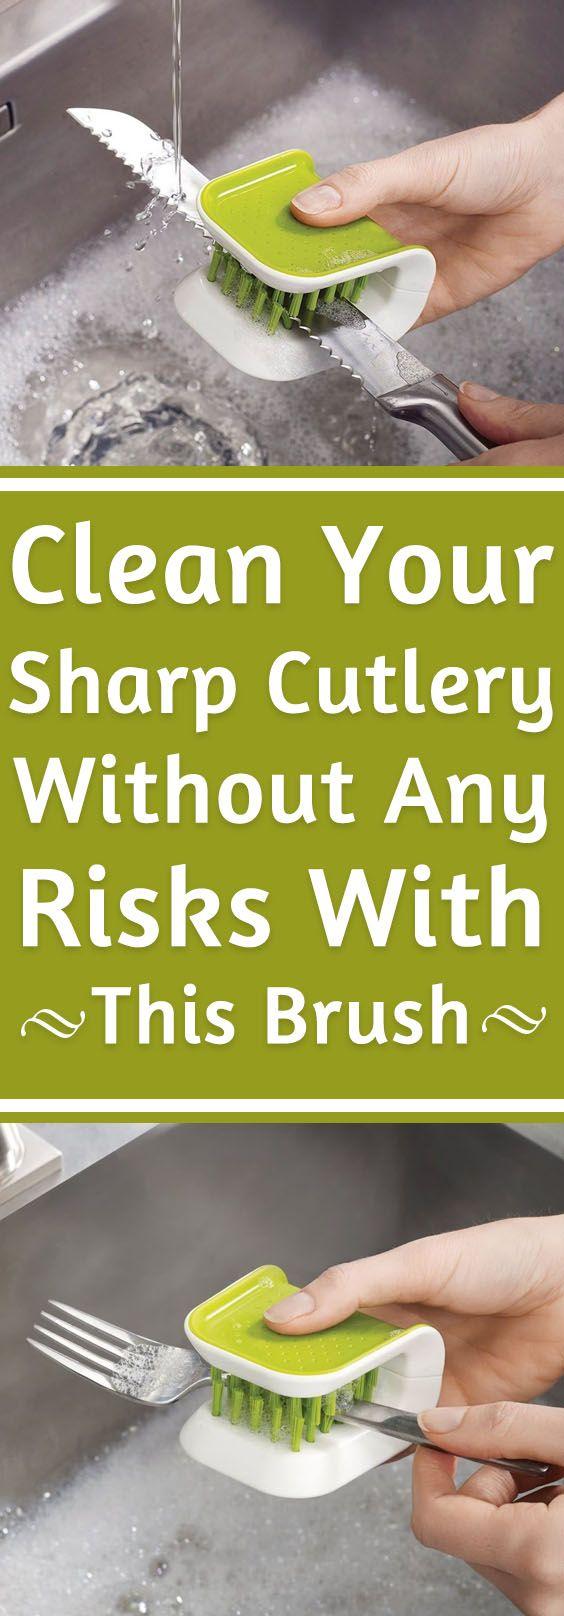 Scrub Brush For Knife & Cutlery